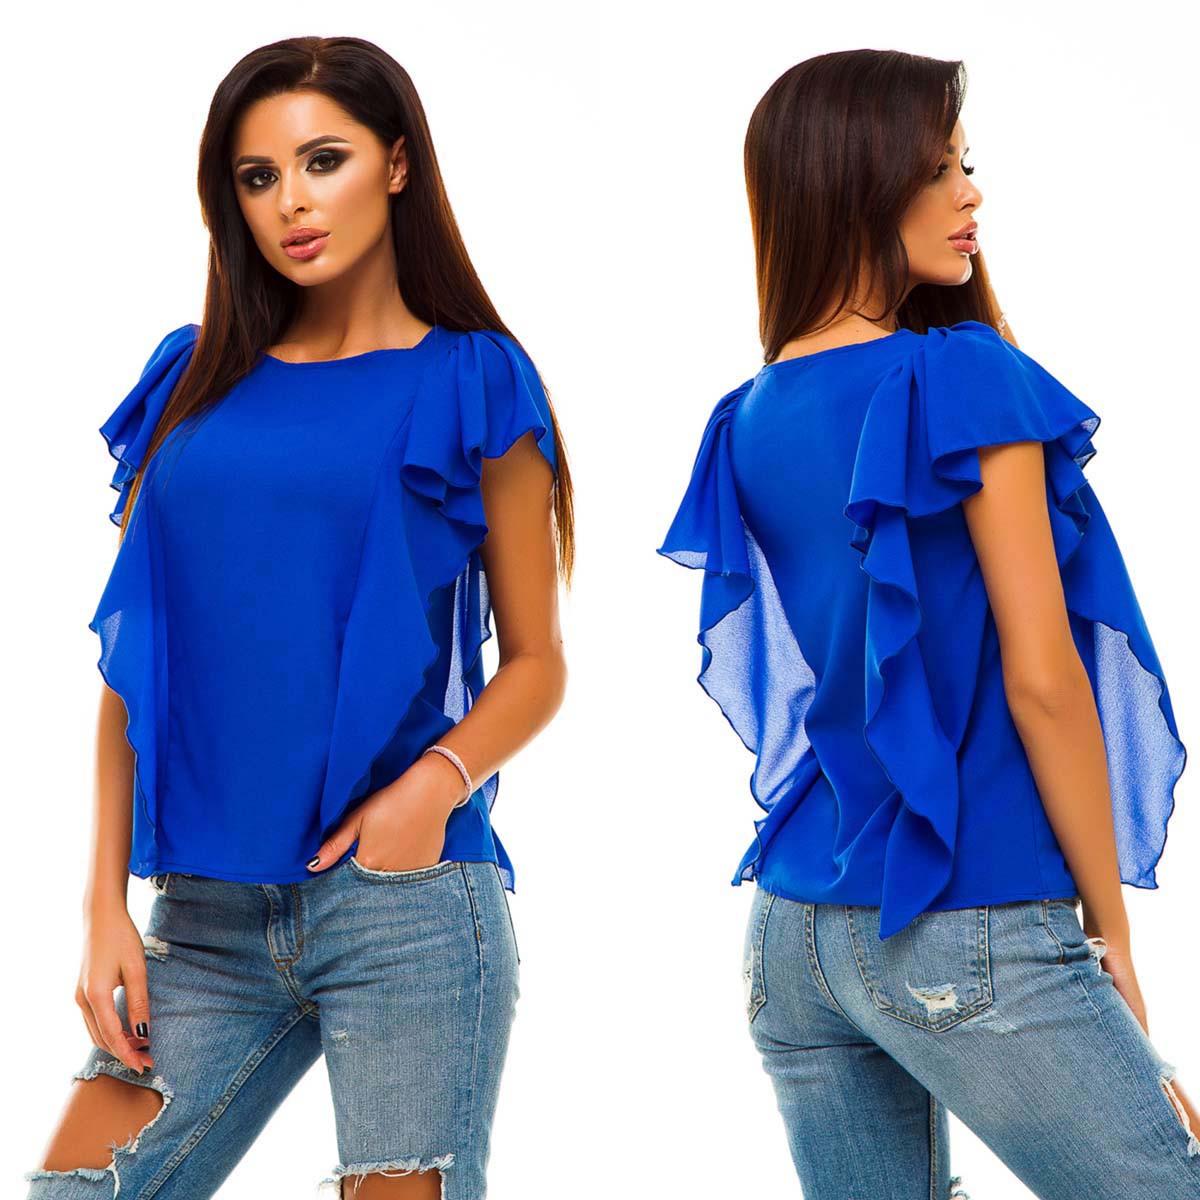 a696691a80a Элегантная женская нарядная блузка 222